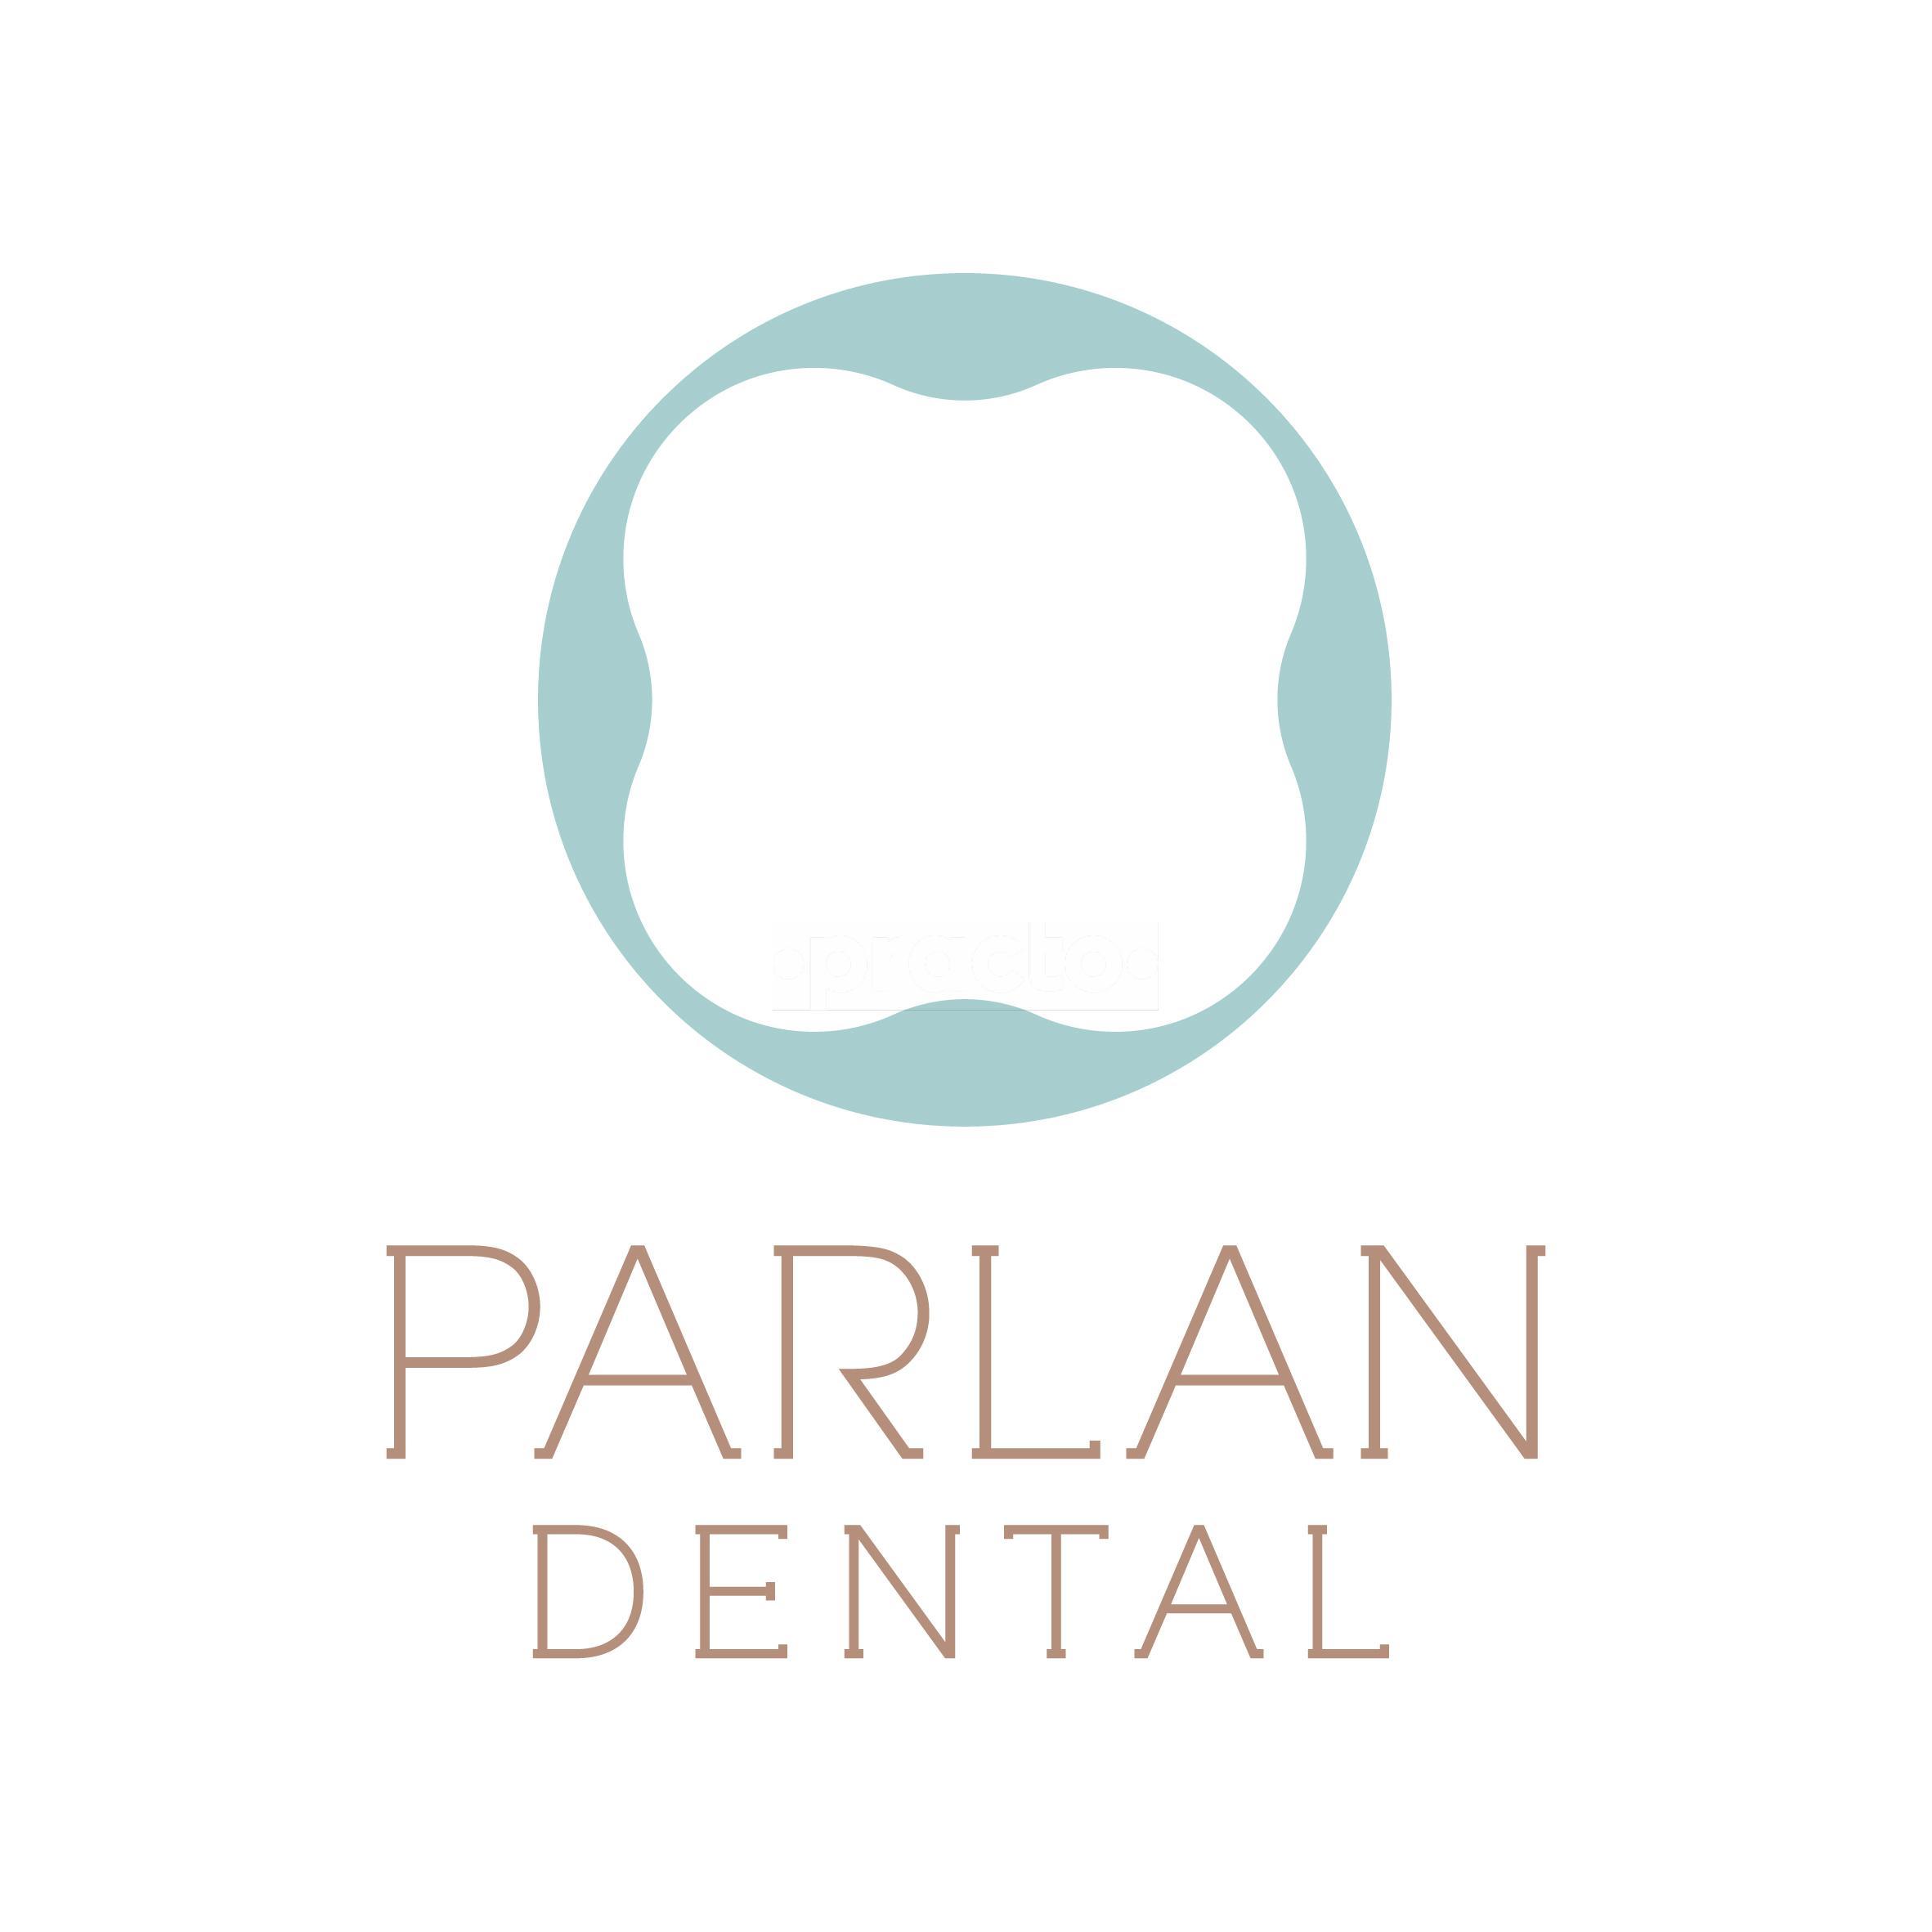 Parlan Dental